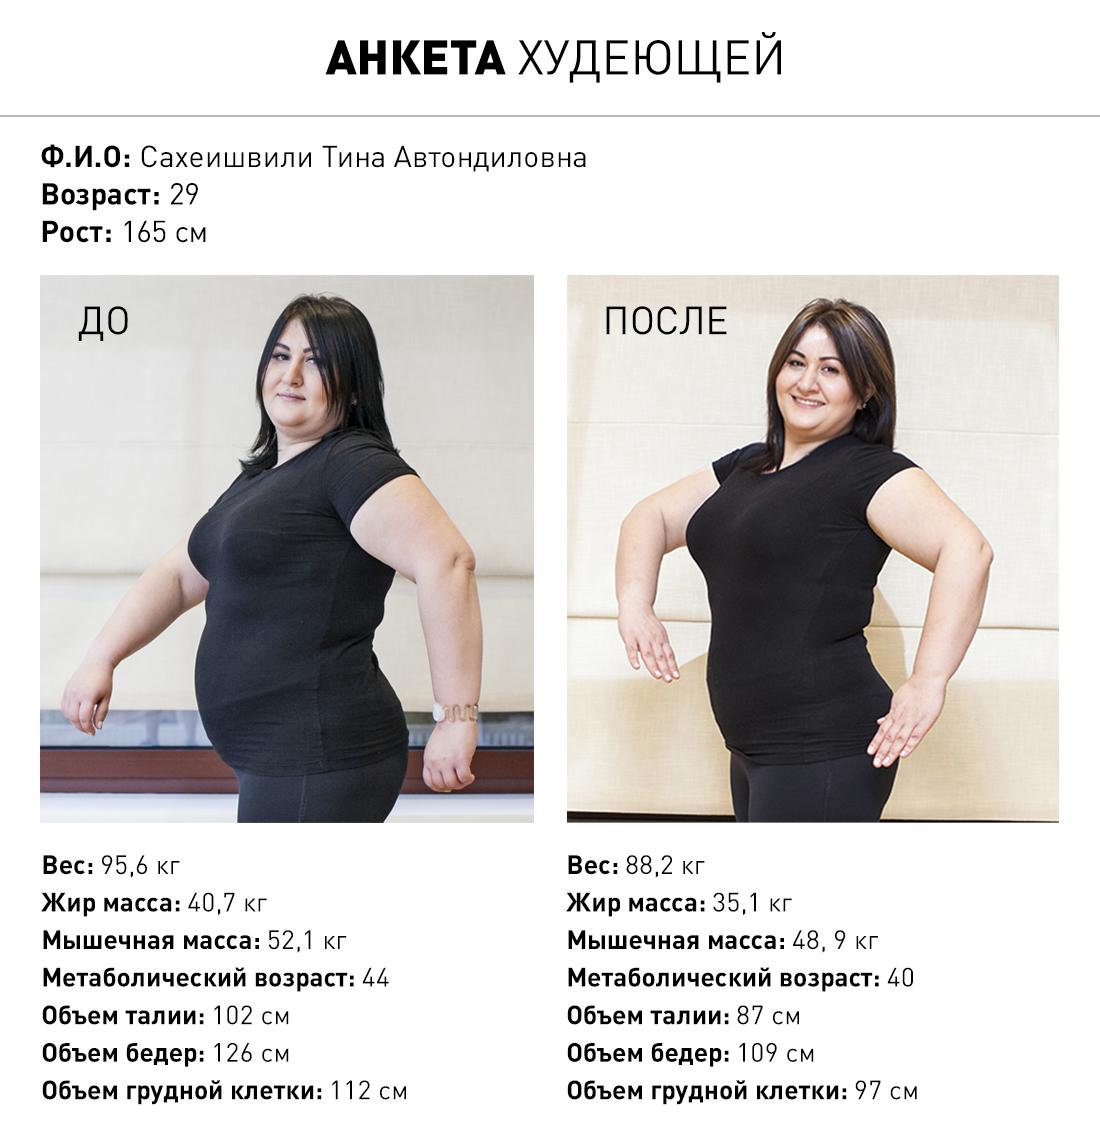 как похудеть за 3 недели без диет